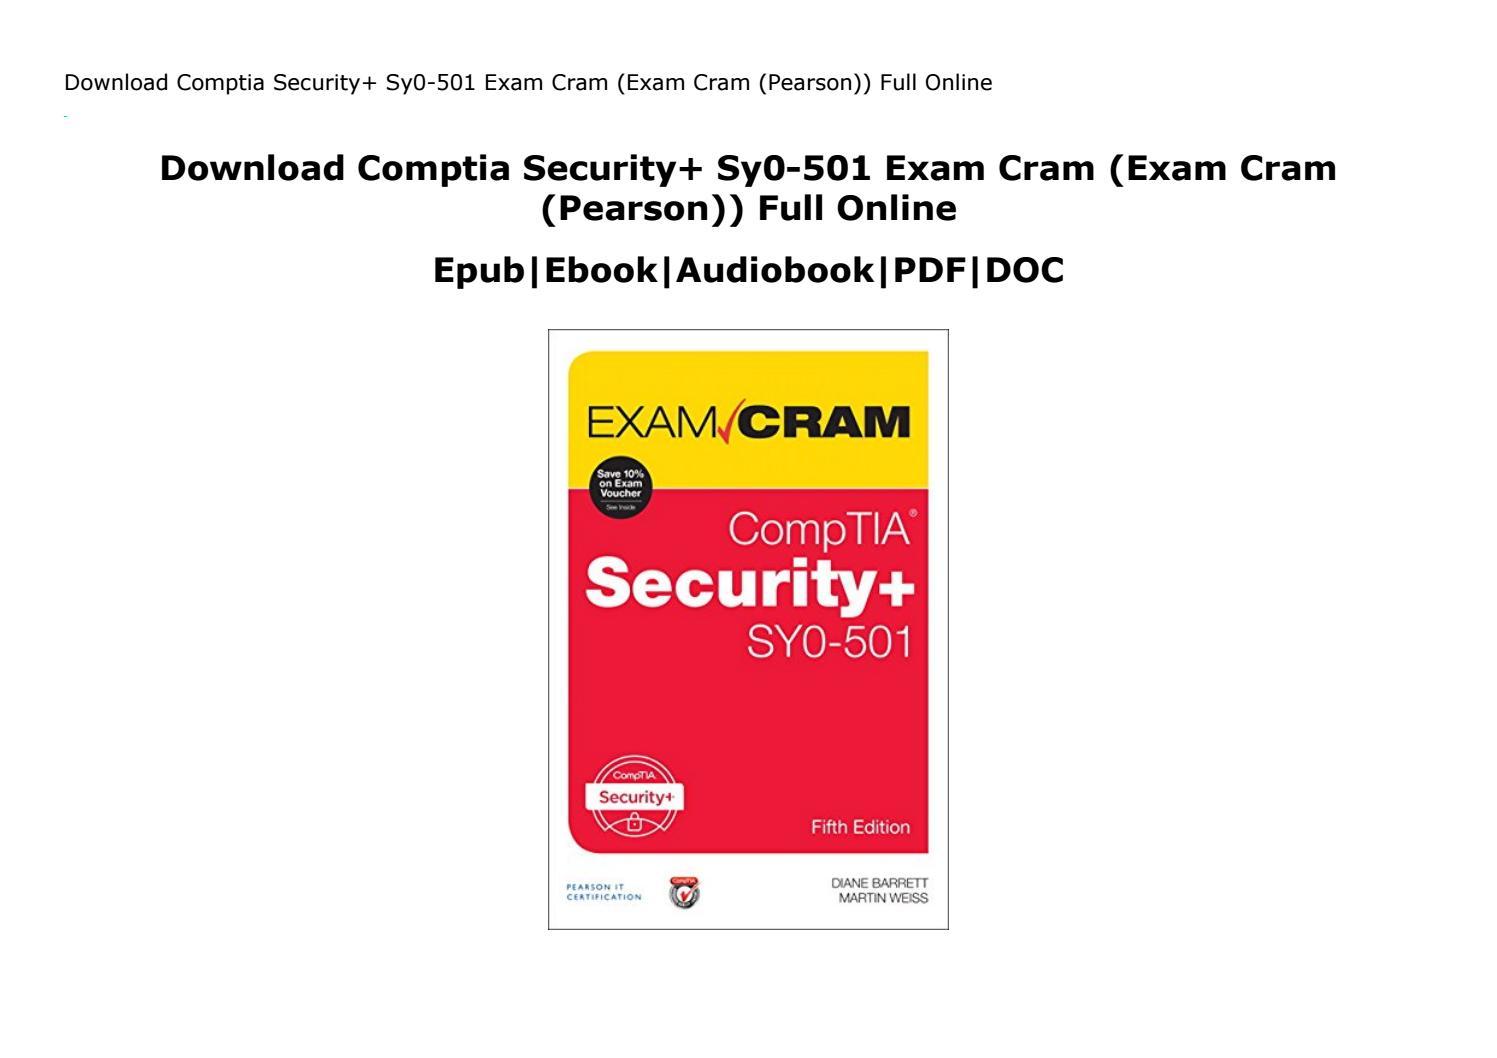 Comptia Security+ Exam Cram Pdf